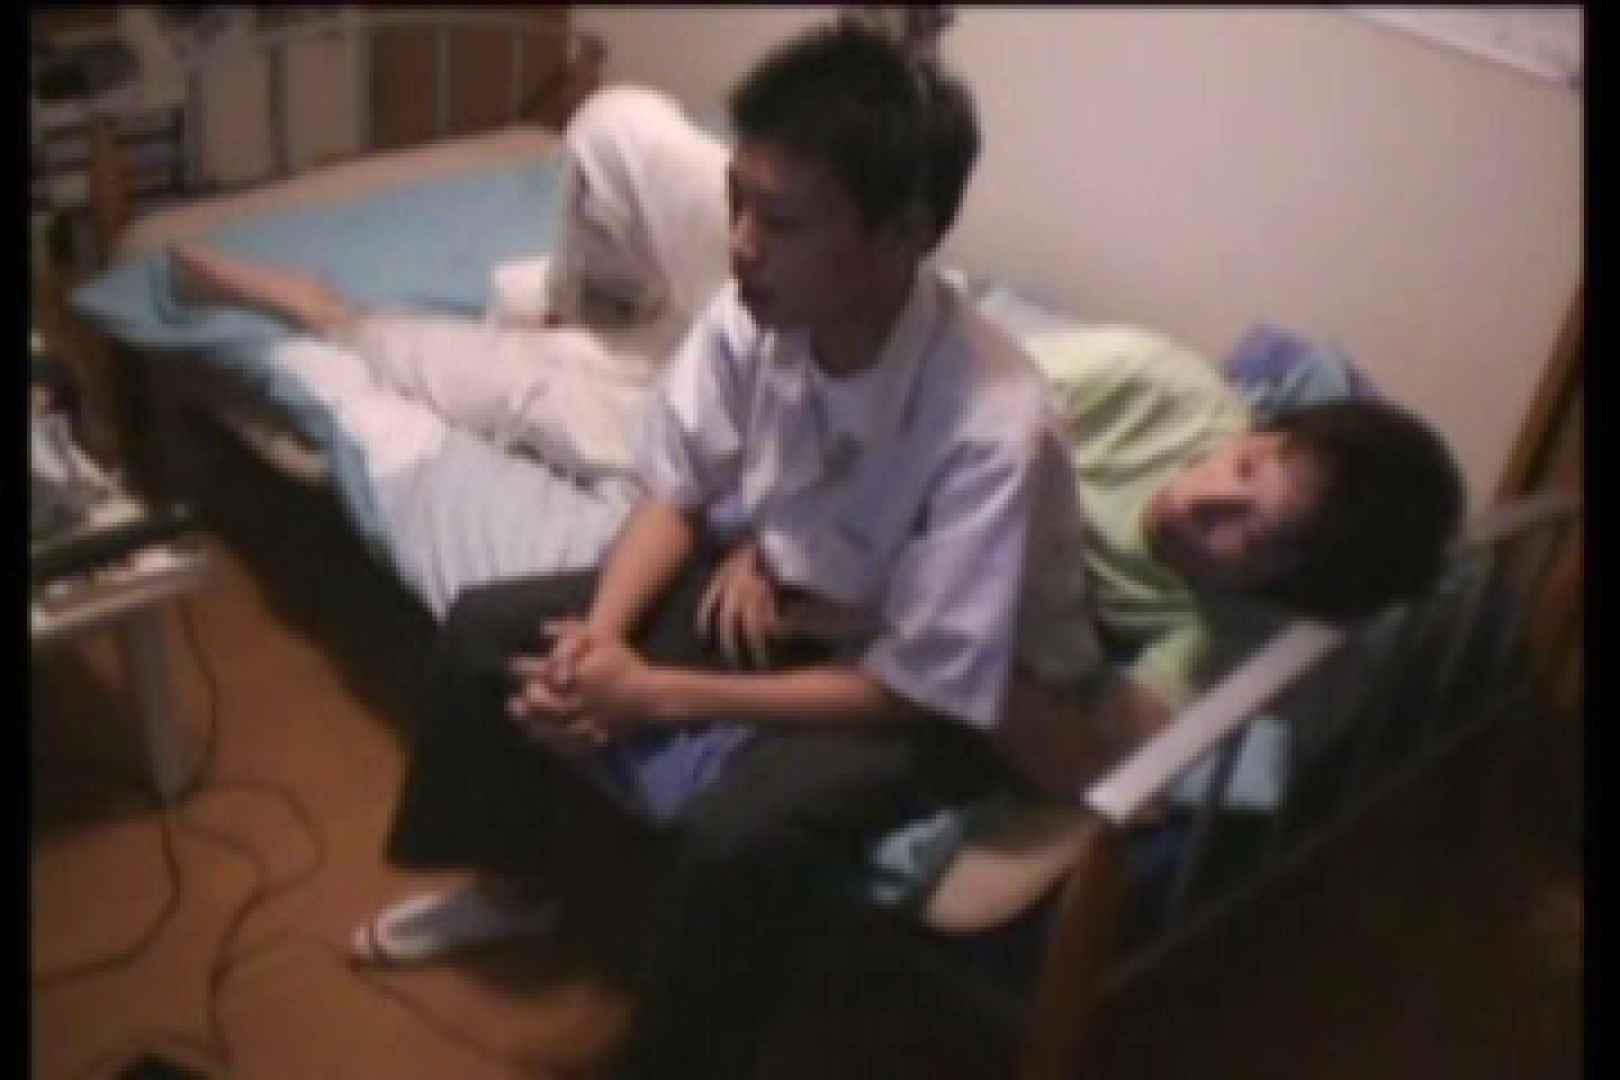 【実録投稿】友達覗撮In my room!! 射精  102pic 31